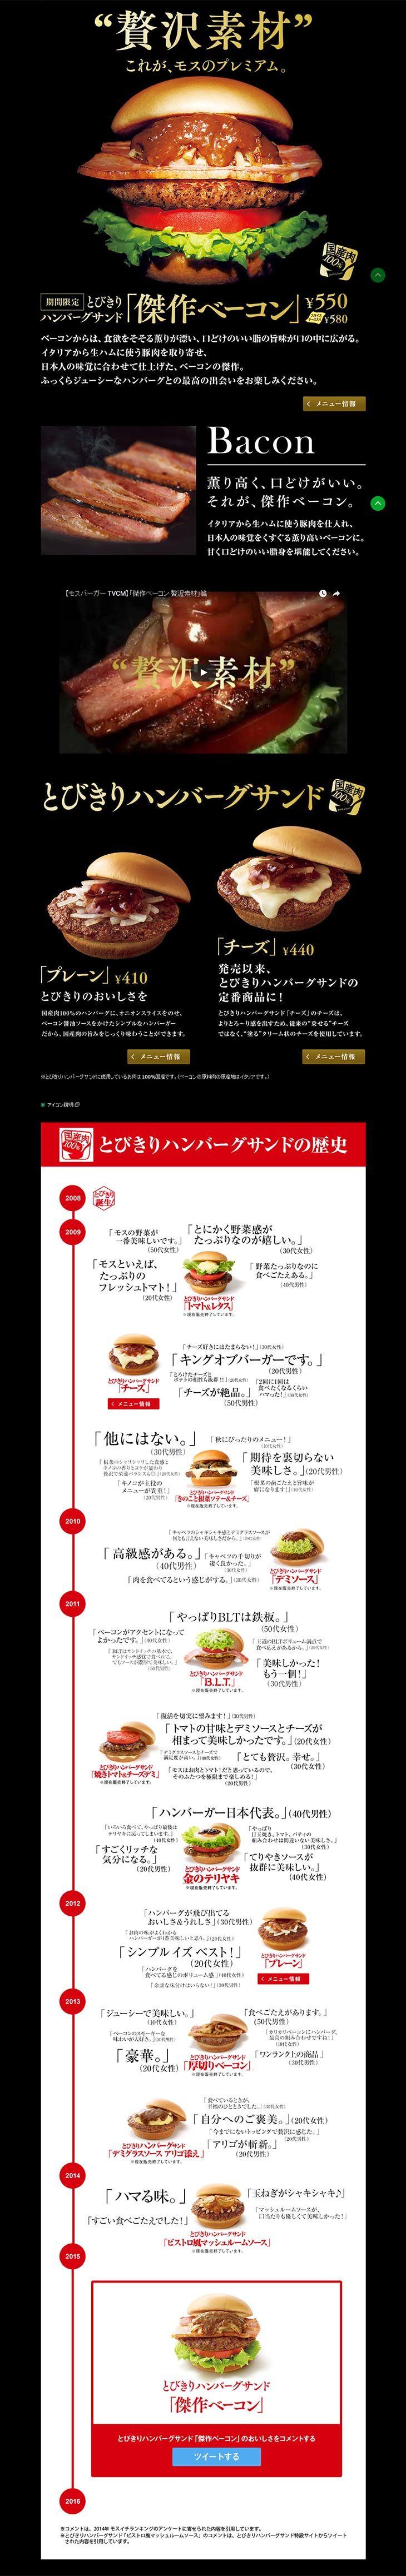 とびきりハンバーグサンド「傑作ベーコン」【食品関連】のLPデザイン。WEBデザイナーさん必見!ランディングページのデザイン参考に(シンプル系)